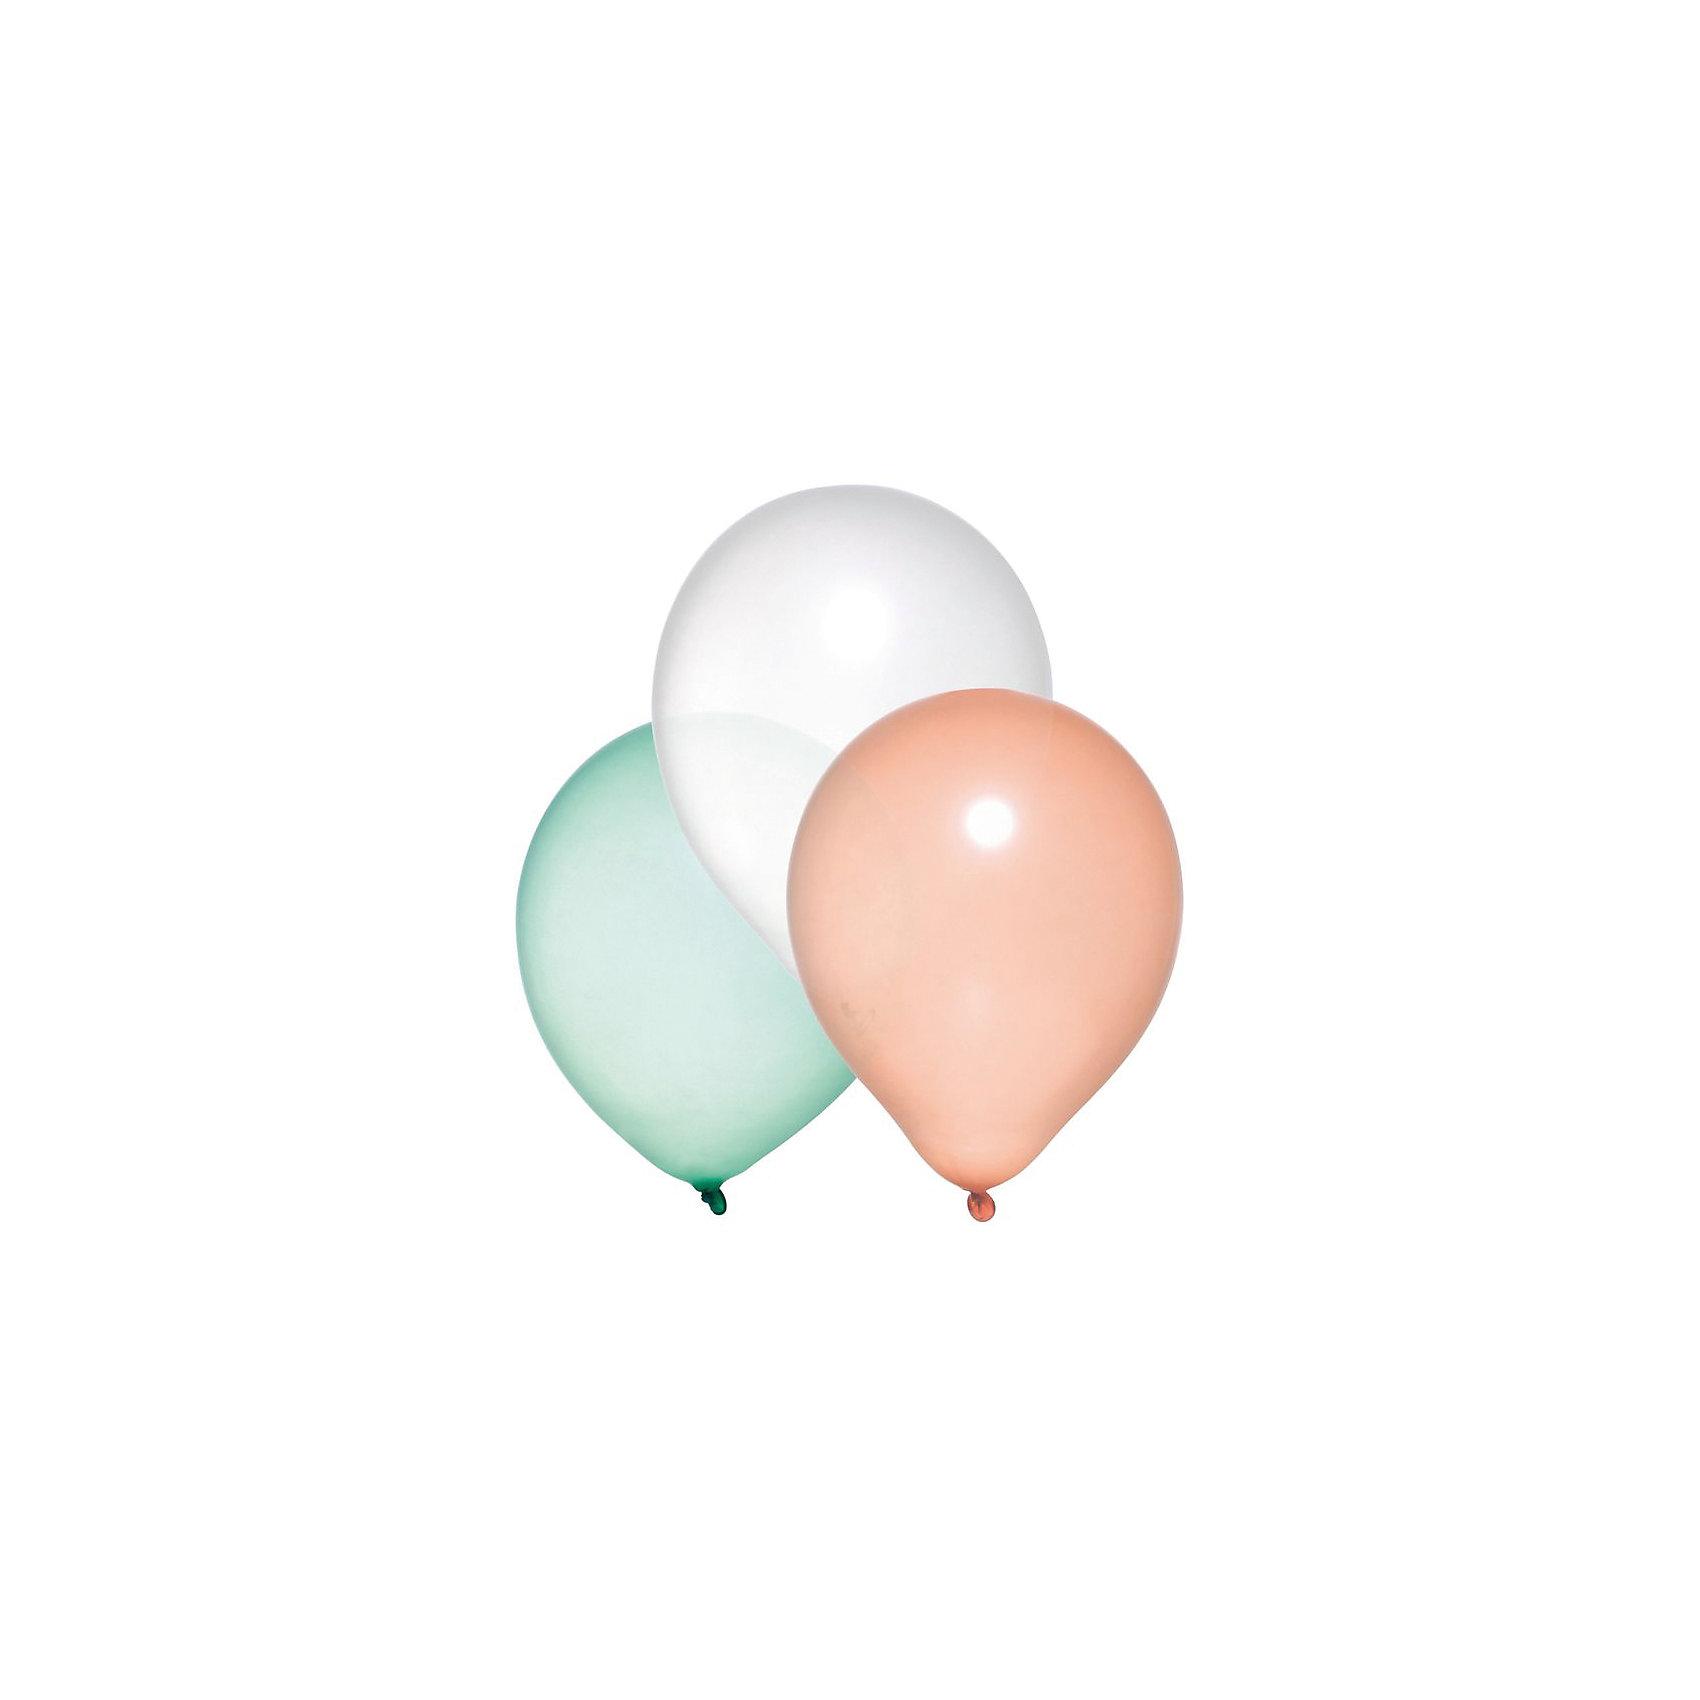 Шары воздушные, перламутровые, 10шт., в ассортиментеВсё для праздника<br>Характеристики товара:<br><br>• возраст: от 3 лет<br>• цвет: мульти<br>• материал: биоразлагаемый латекс<br>• размер упаковки: 3х13х20 см<br>•  для надувания гелием или воздухом<br>• комплектация: 10 шт<br>• вес: 30 г<br>• страна бренда: Германия<br>• страна изготовитель: Германия<br><br>Перламутровые воздушные шары нежных оттенков добавят красок во время празднования дня рождения или свадьбы.<br><br>Изделие произведено из безопасного для детей материала.<br><br>Шары воздушные, перламутровые, 10шт., в ассортименте, от бренда Herlitz (Херлиц) можно купить в нашем интернет-магазине.<br><br>Ширина мм: 15<br>Глубина мм: 128<br>Высота мм: 200<br>Вес г: 34<br>Возраст от месяцев: 36<br>Возраст до месяцев: 2147483647<br>Пол: Унисекс<br>Возраст: Детский<br>SKU: 6886497